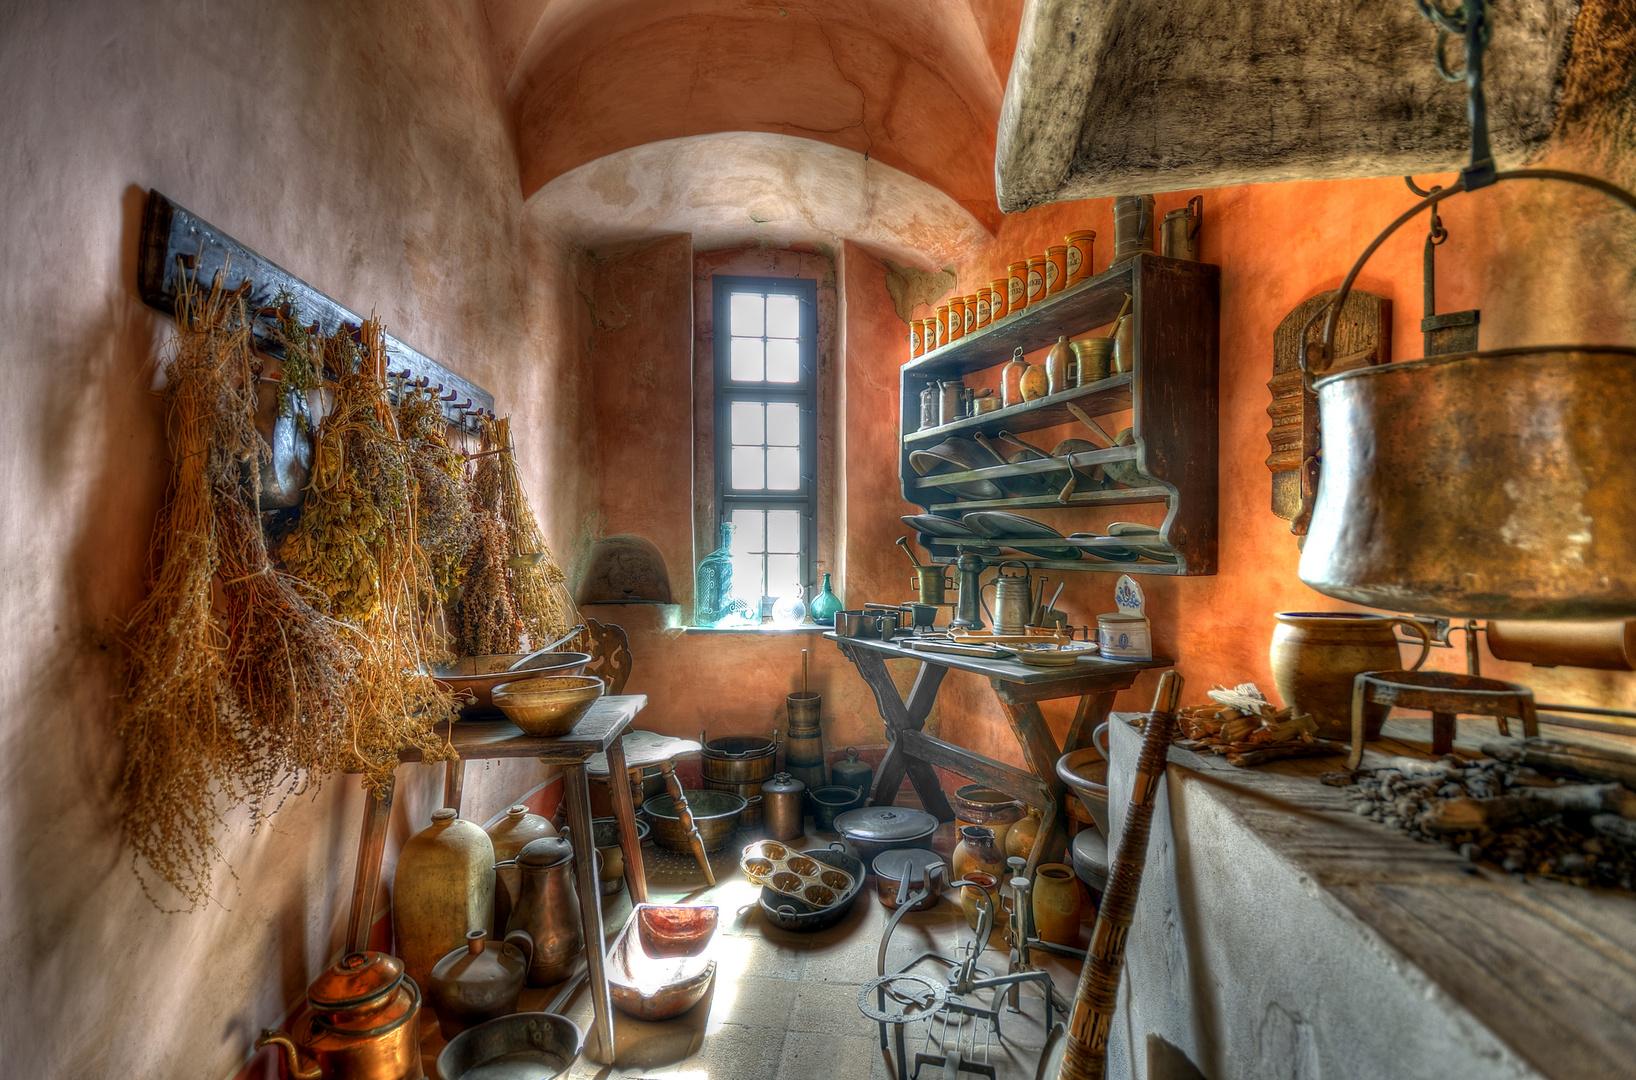 Alte Küche Foto & Bild | home 01, orange, historisch Bilder auf ...